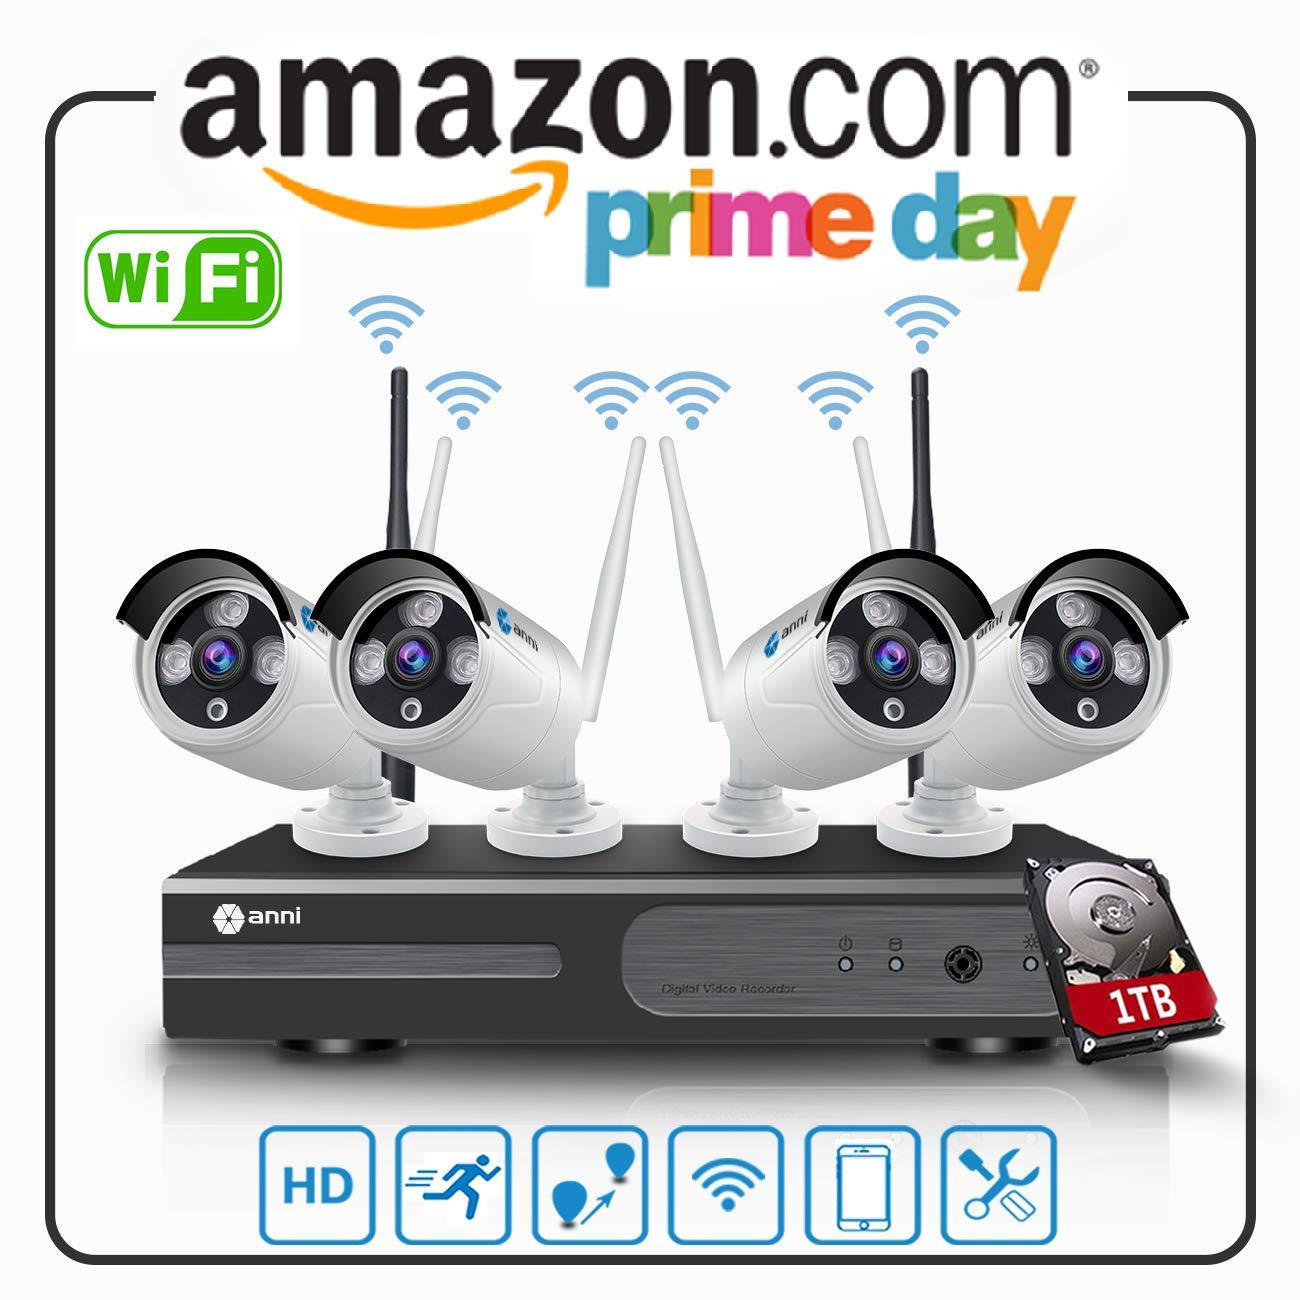 P2P no se Necesita Cable de Video 4 Outdoor visi/ón Nocturna de C/ámara Anni Sistema de Seguridad inal/ámbrica 1080N 4CH HD NVR Kit, 2.0MP 1080P C/ámara CCTV Kit de Seguridad con 1 TB HDD